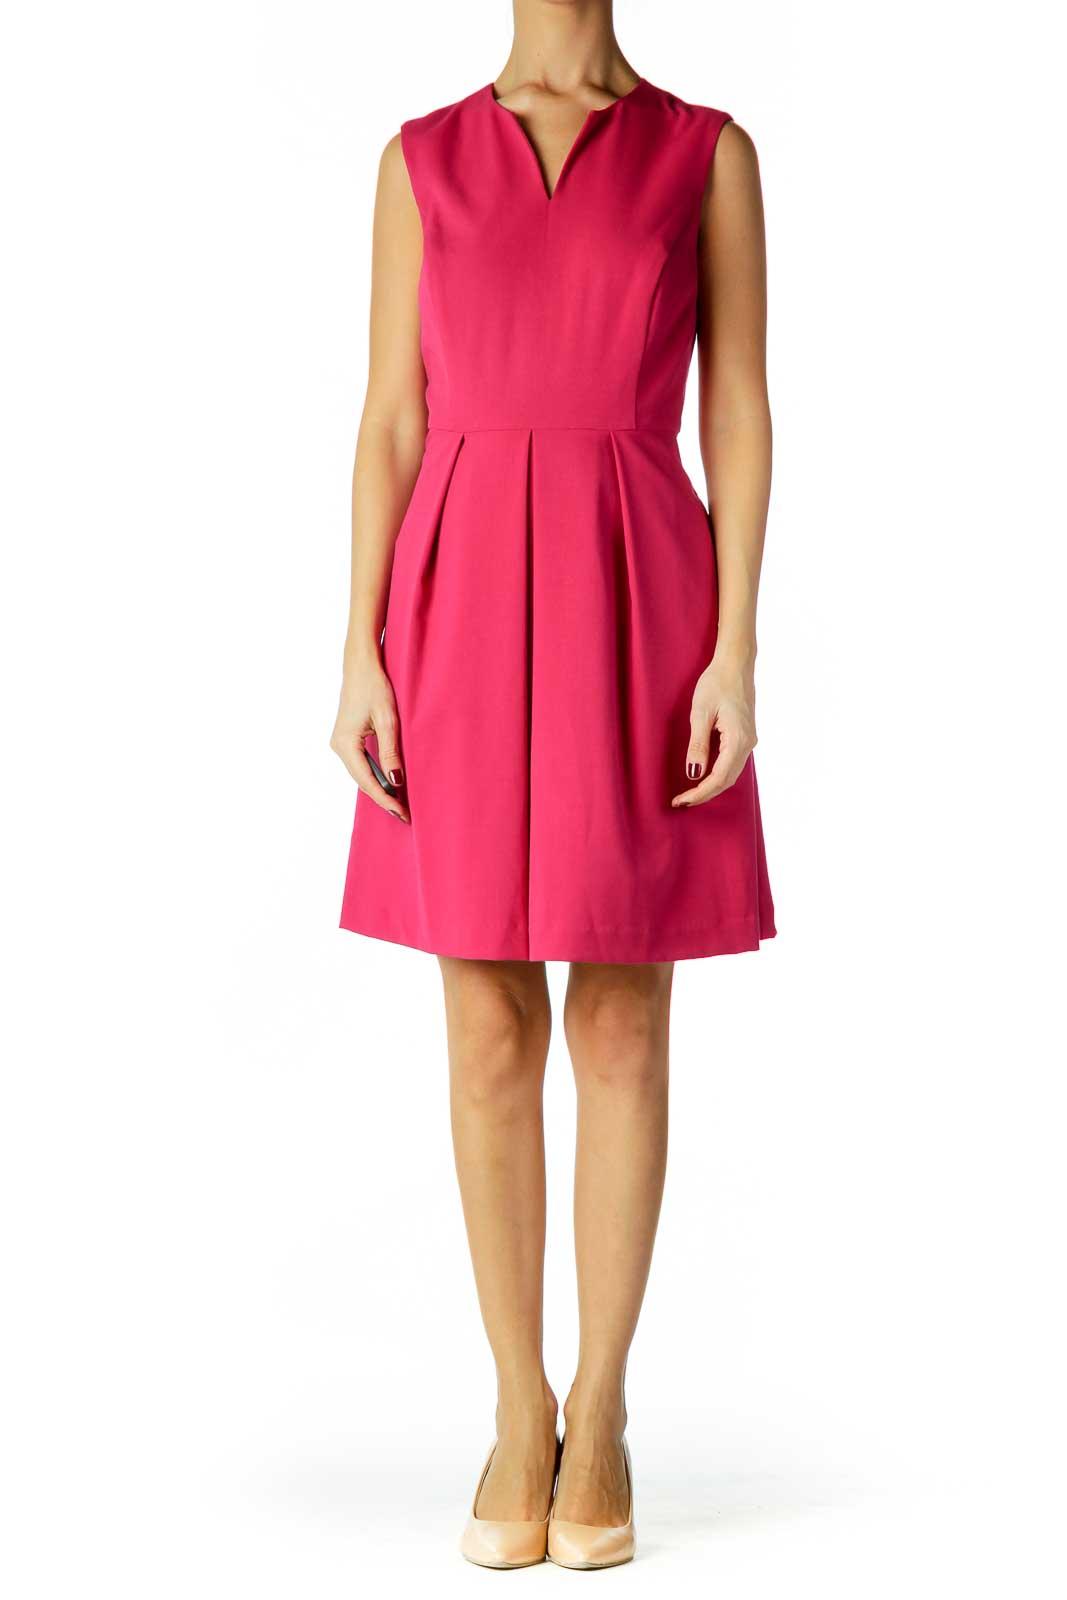 Pink V-Neck Cocktail Dress